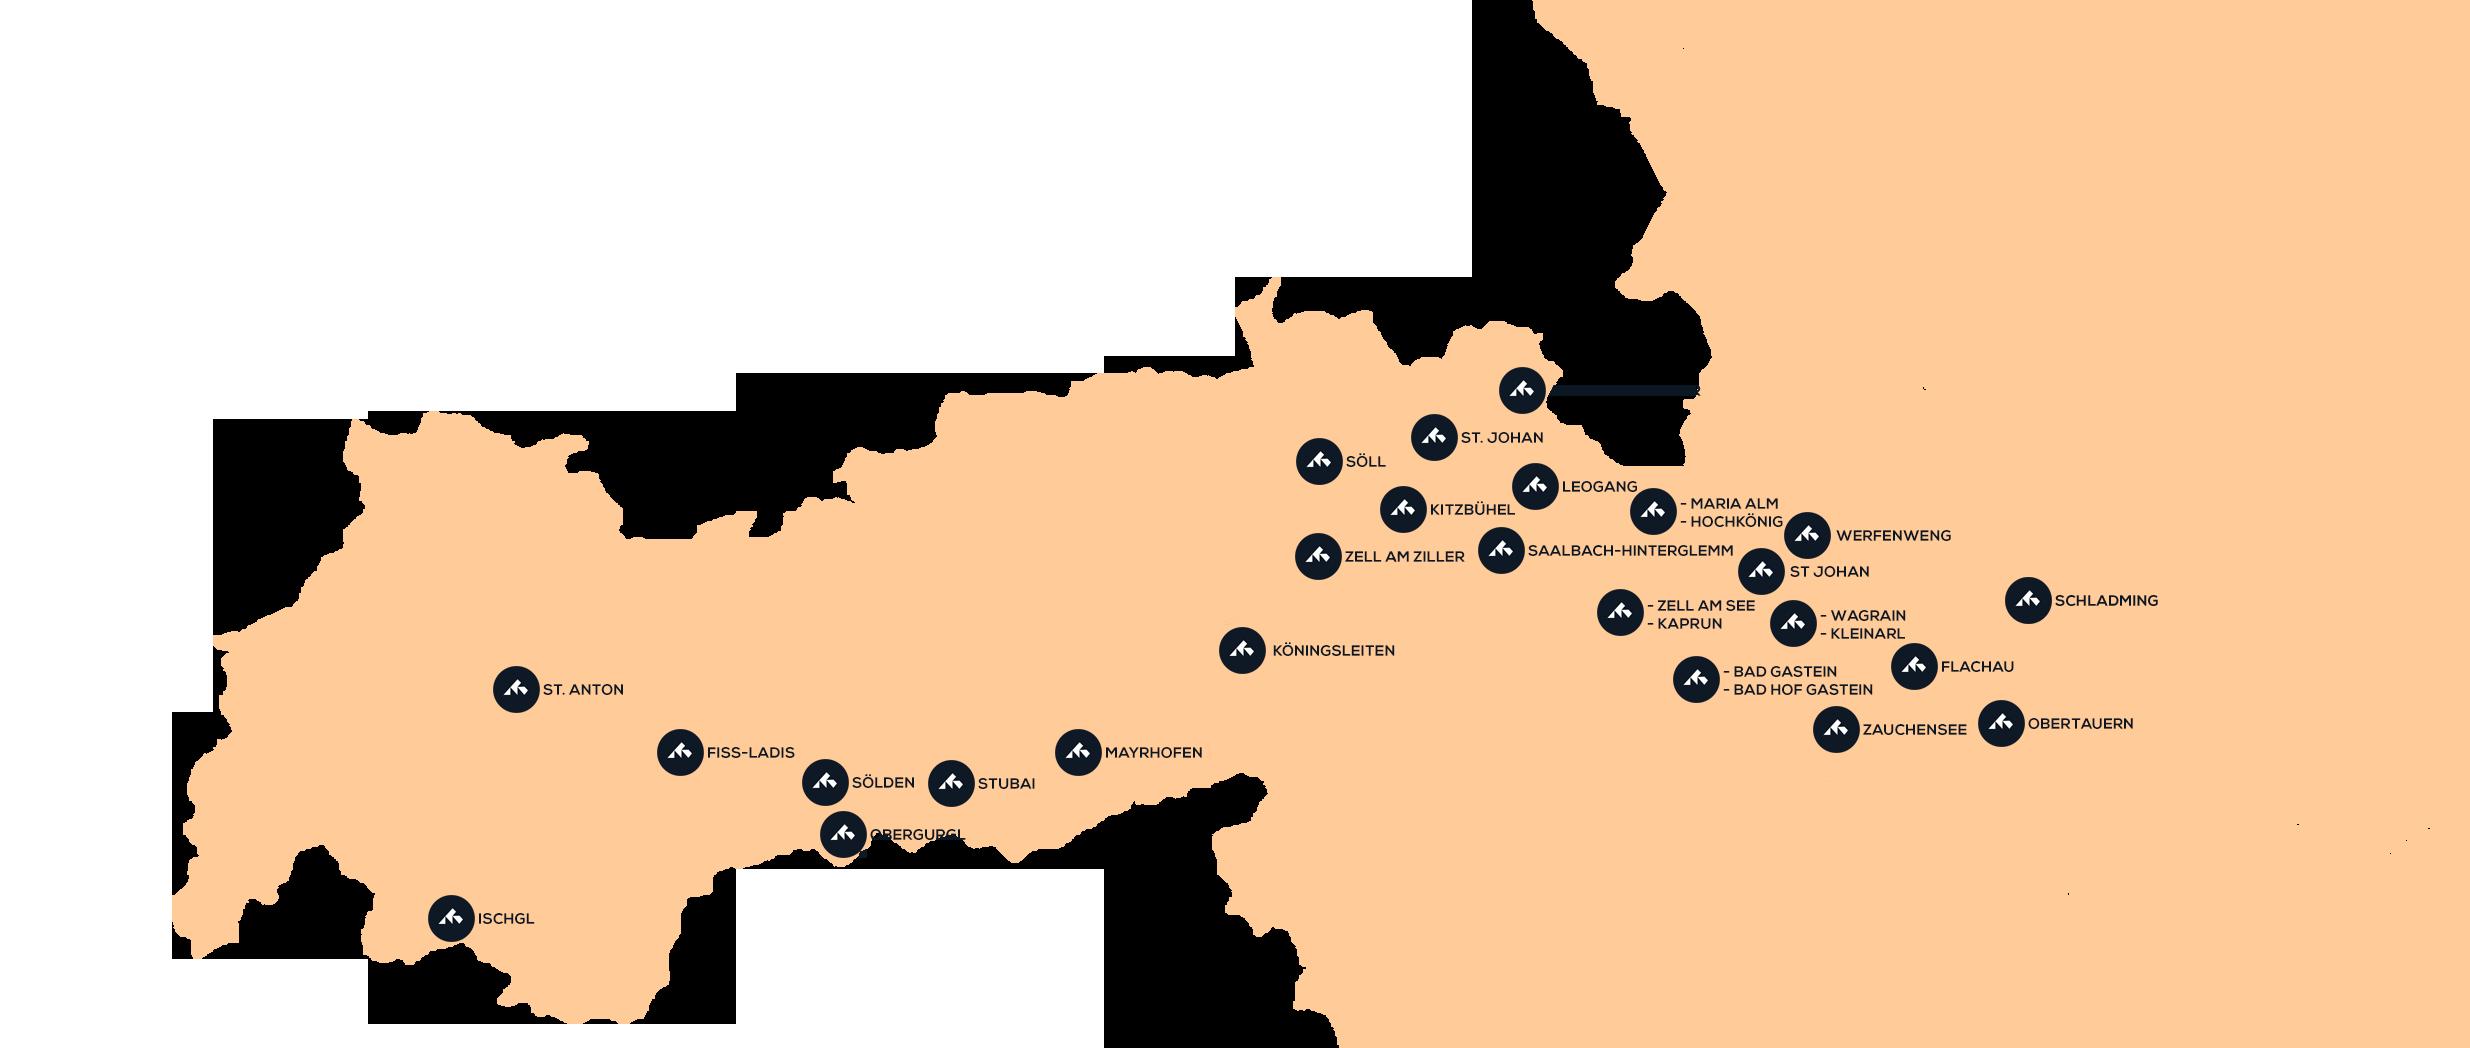 Destinationer i Østrig